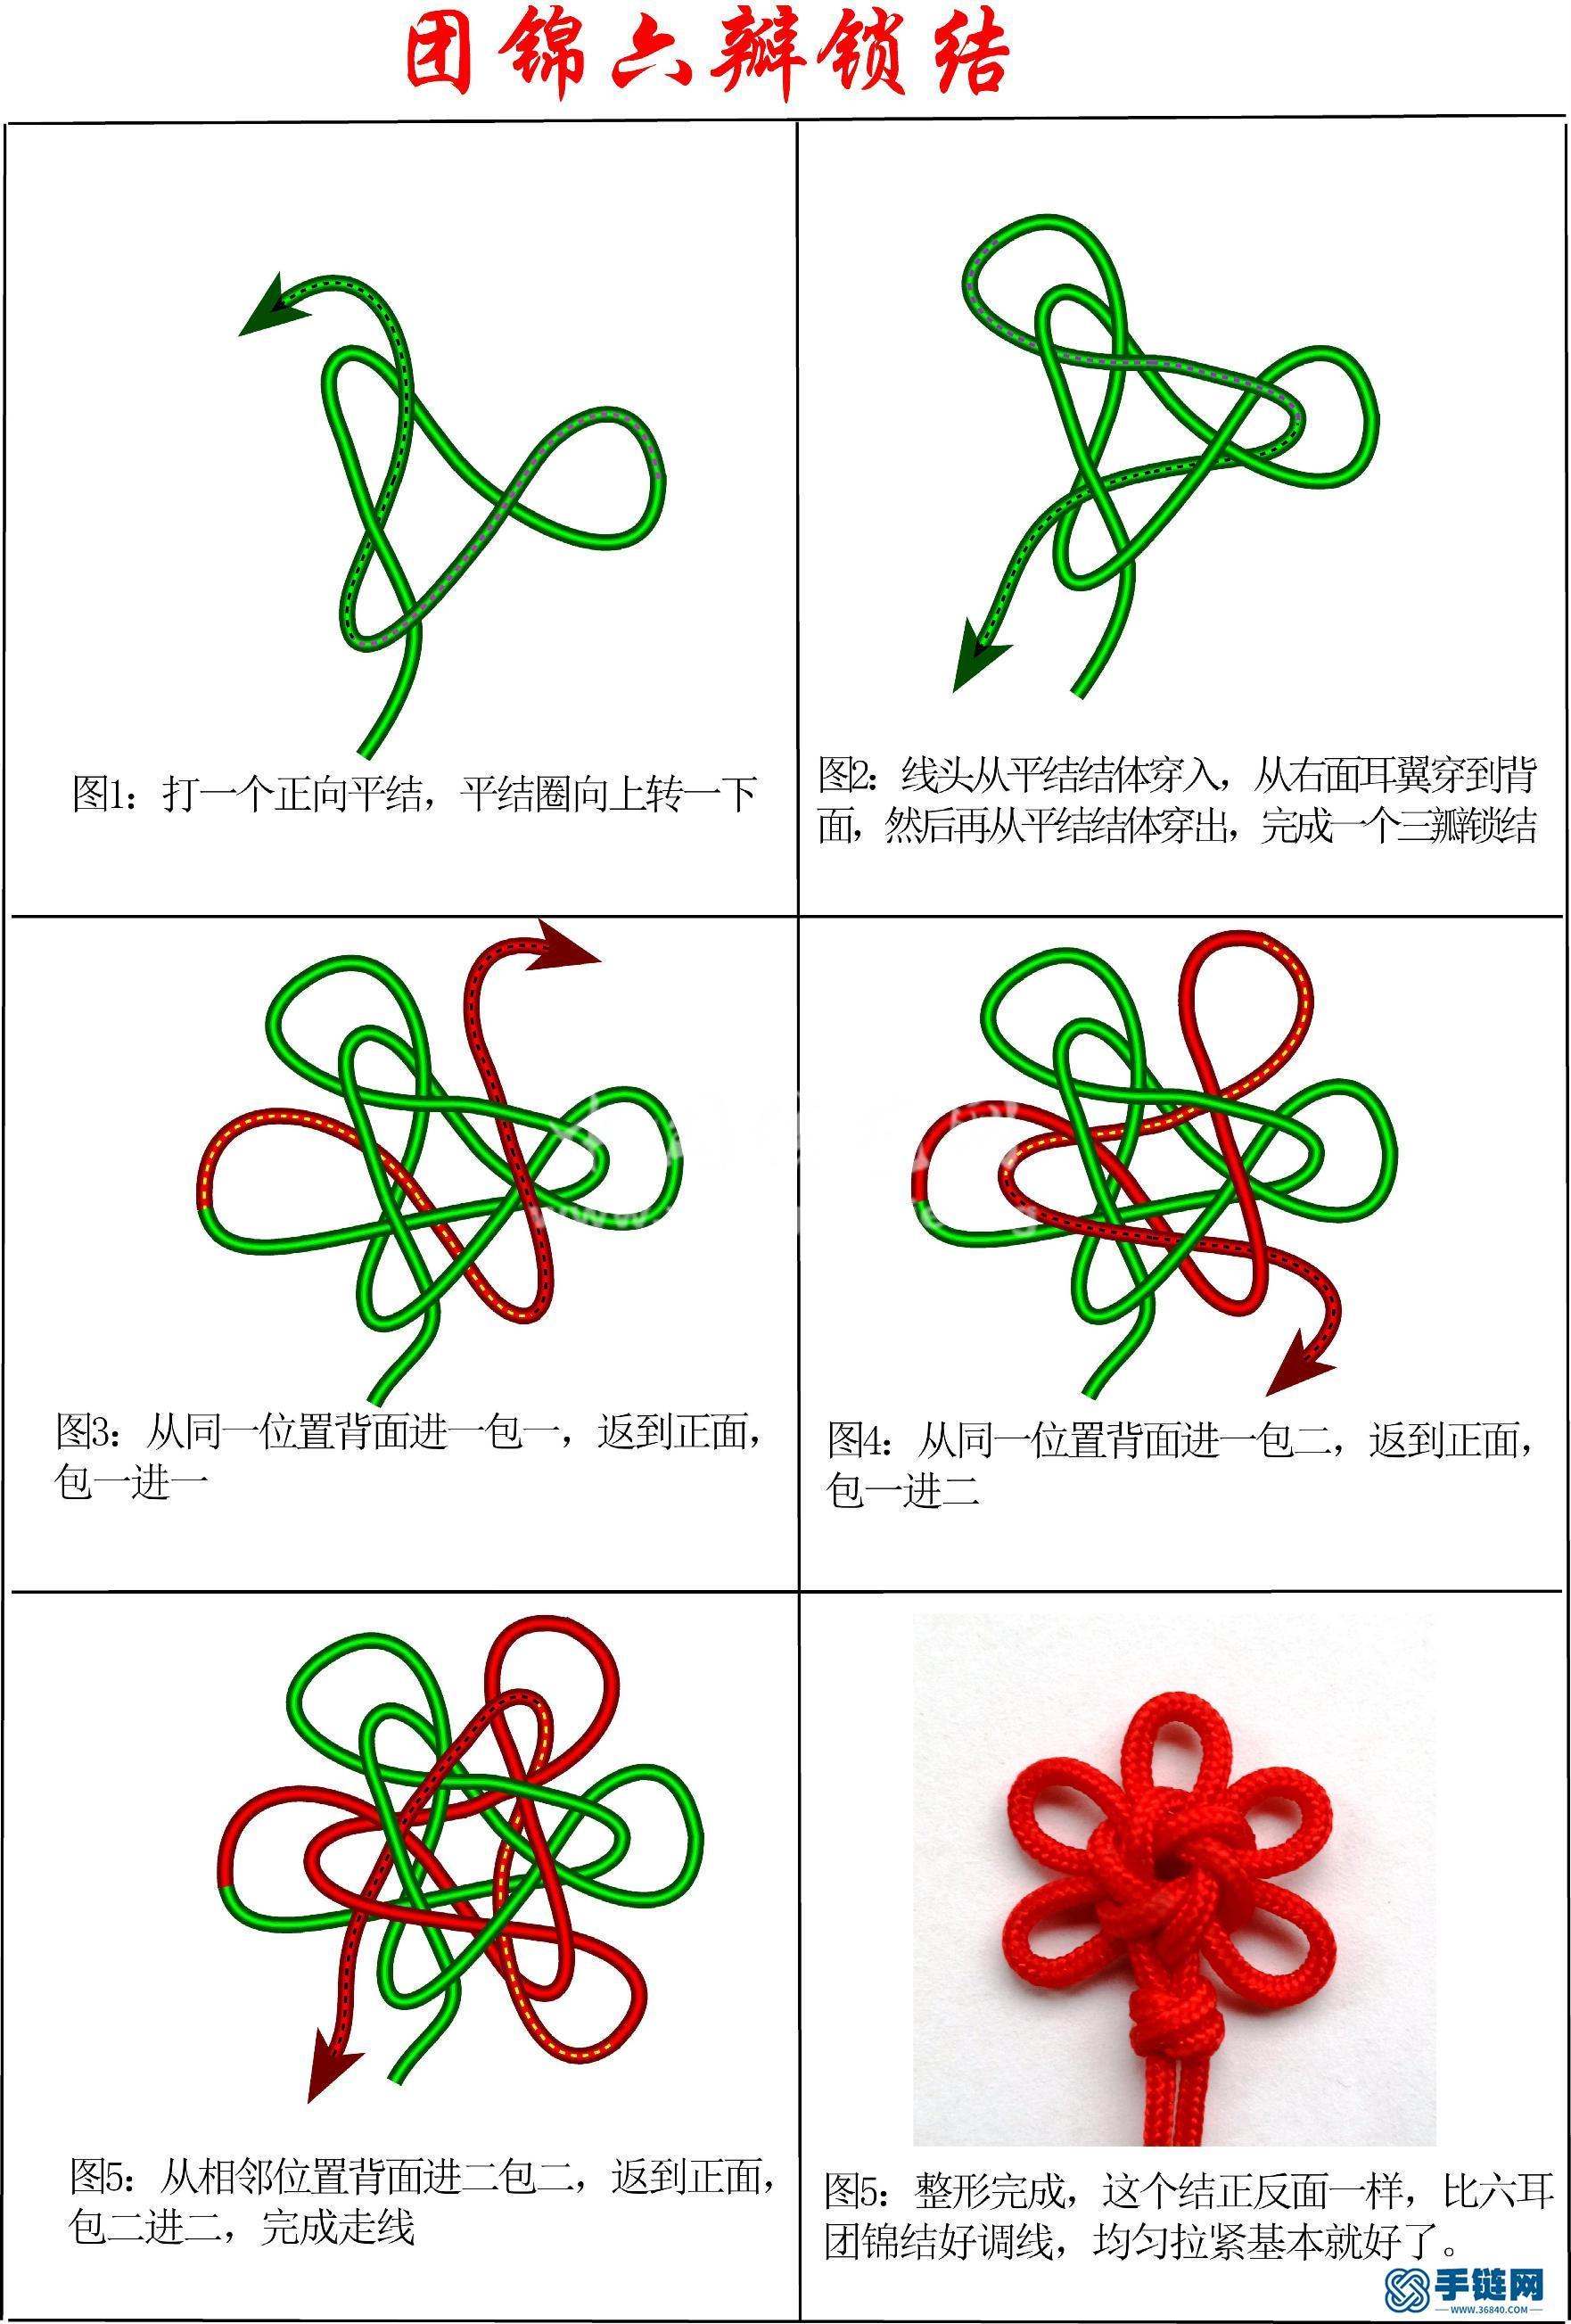 团锦六瓣锁结